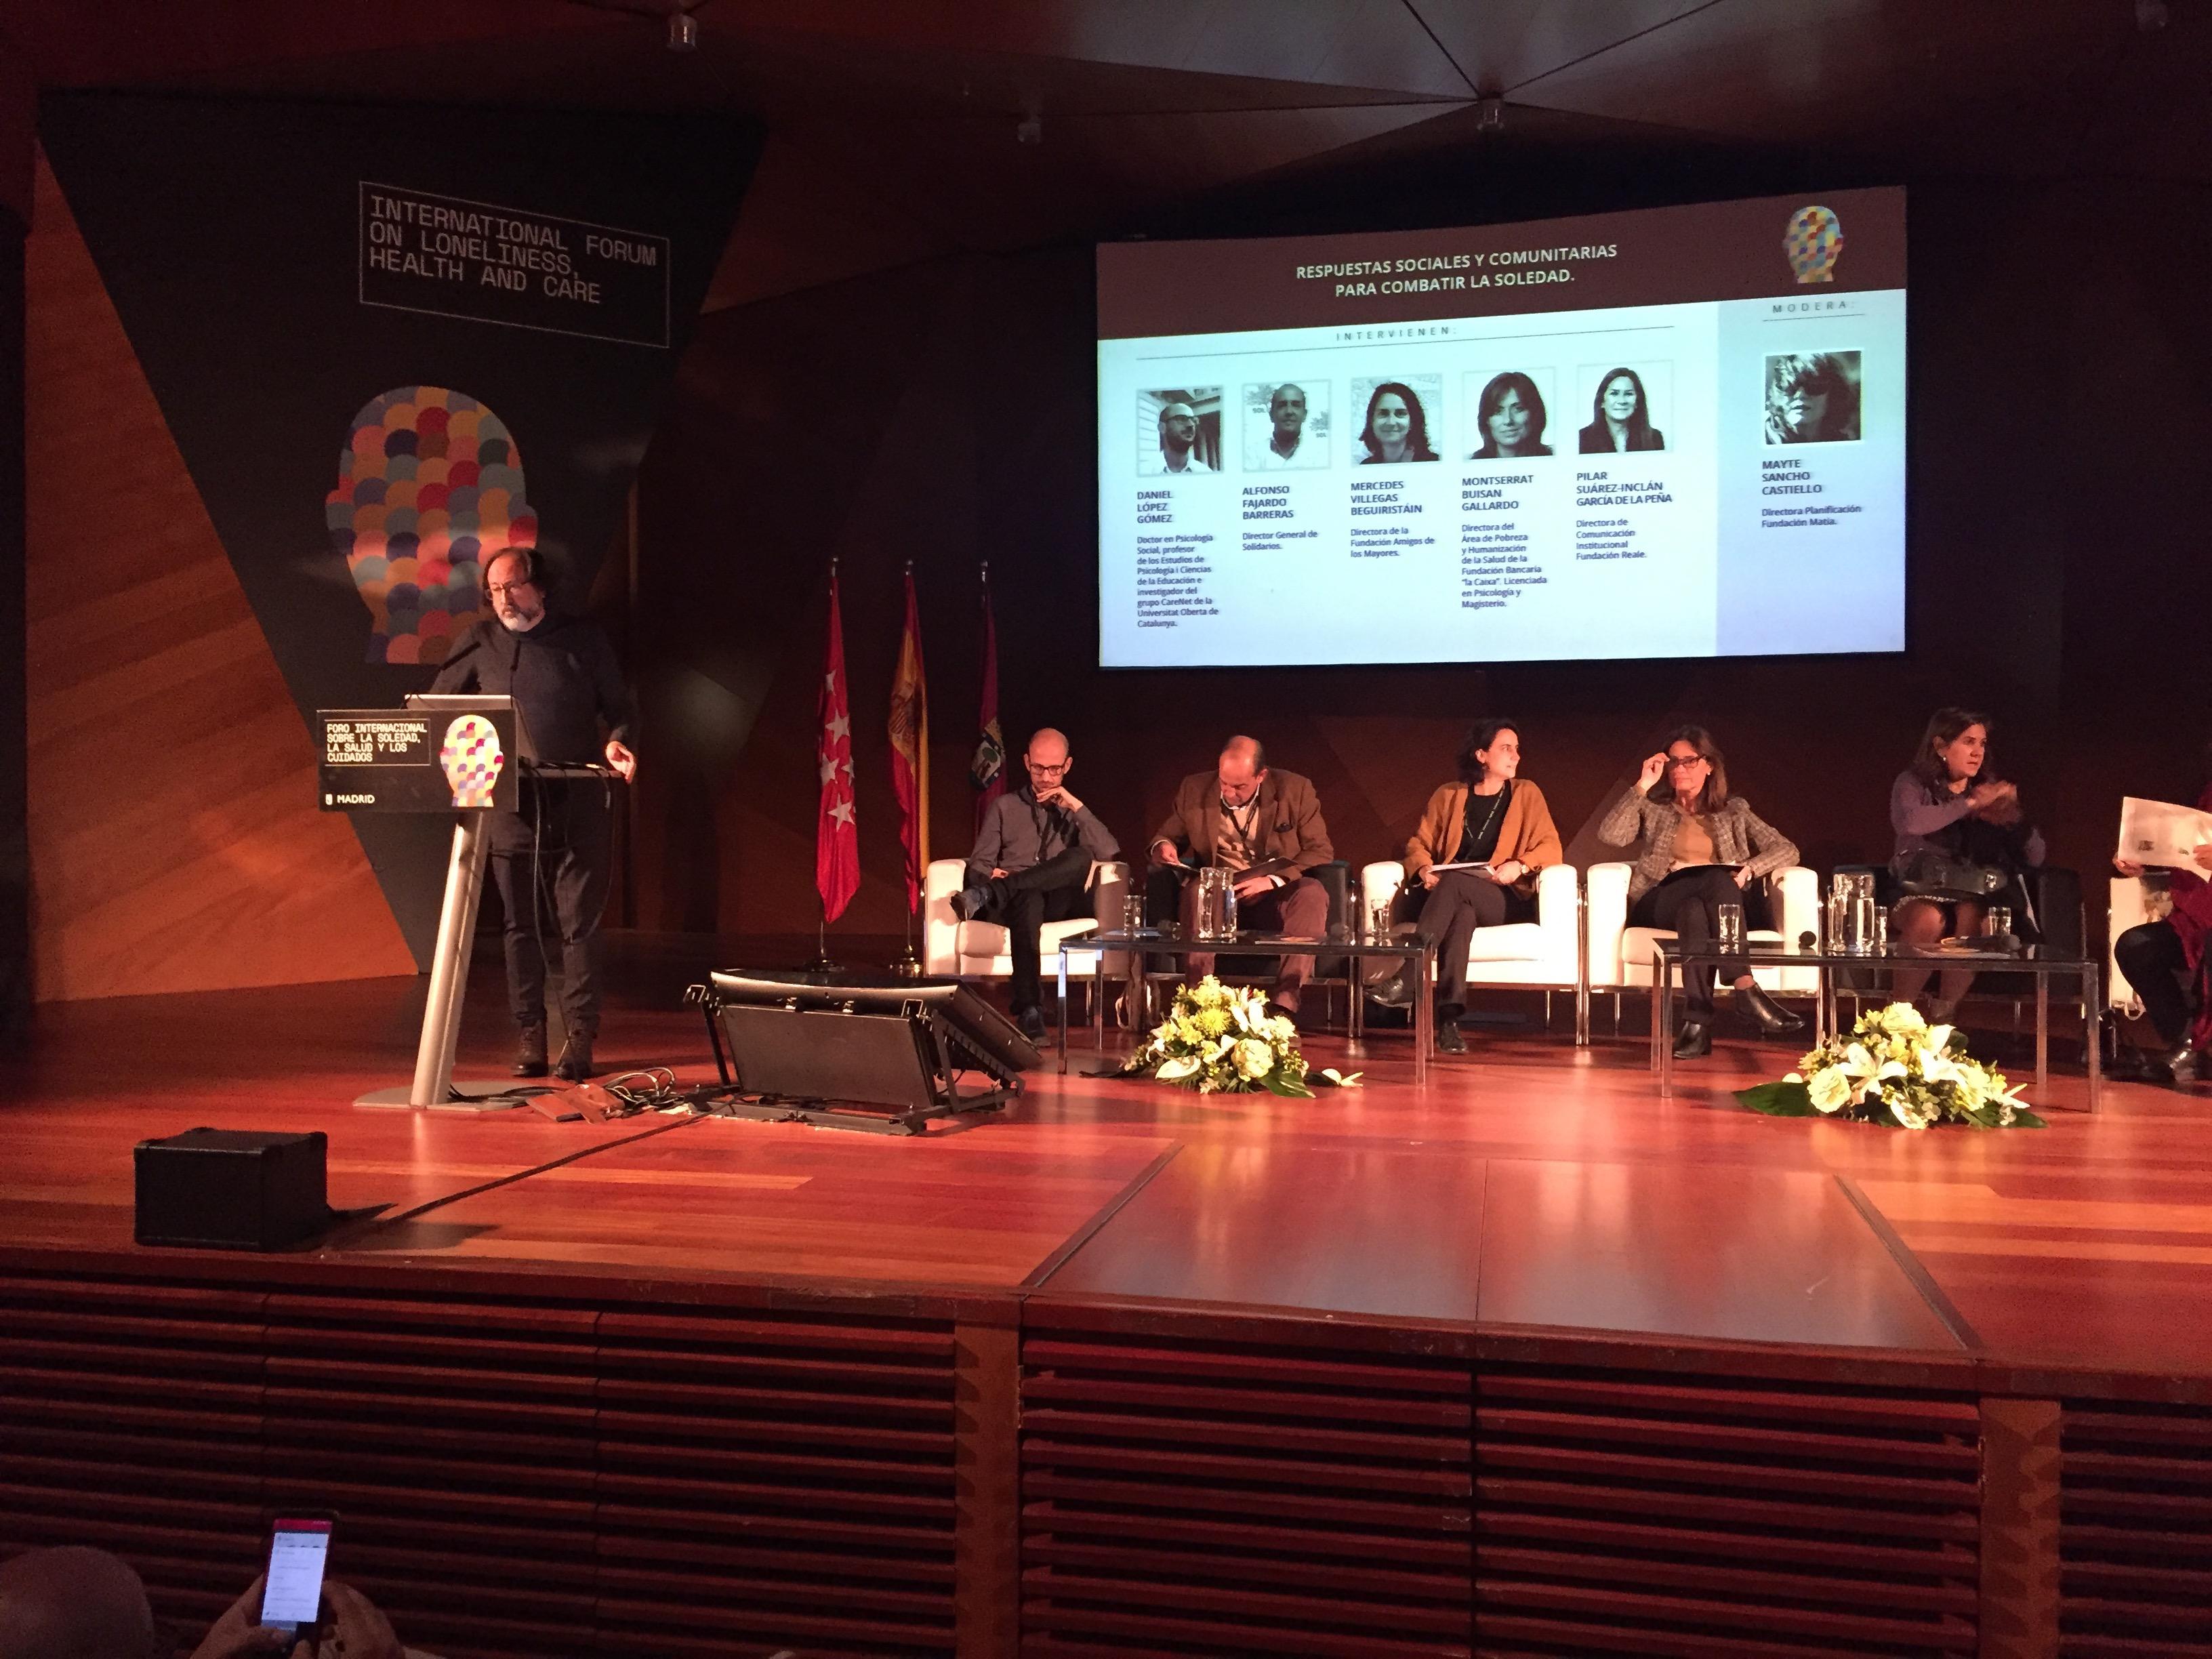 mesa redonda en el Foro sobre Soledad, Salud y Cuidados del Ayuntamiento de Madrid